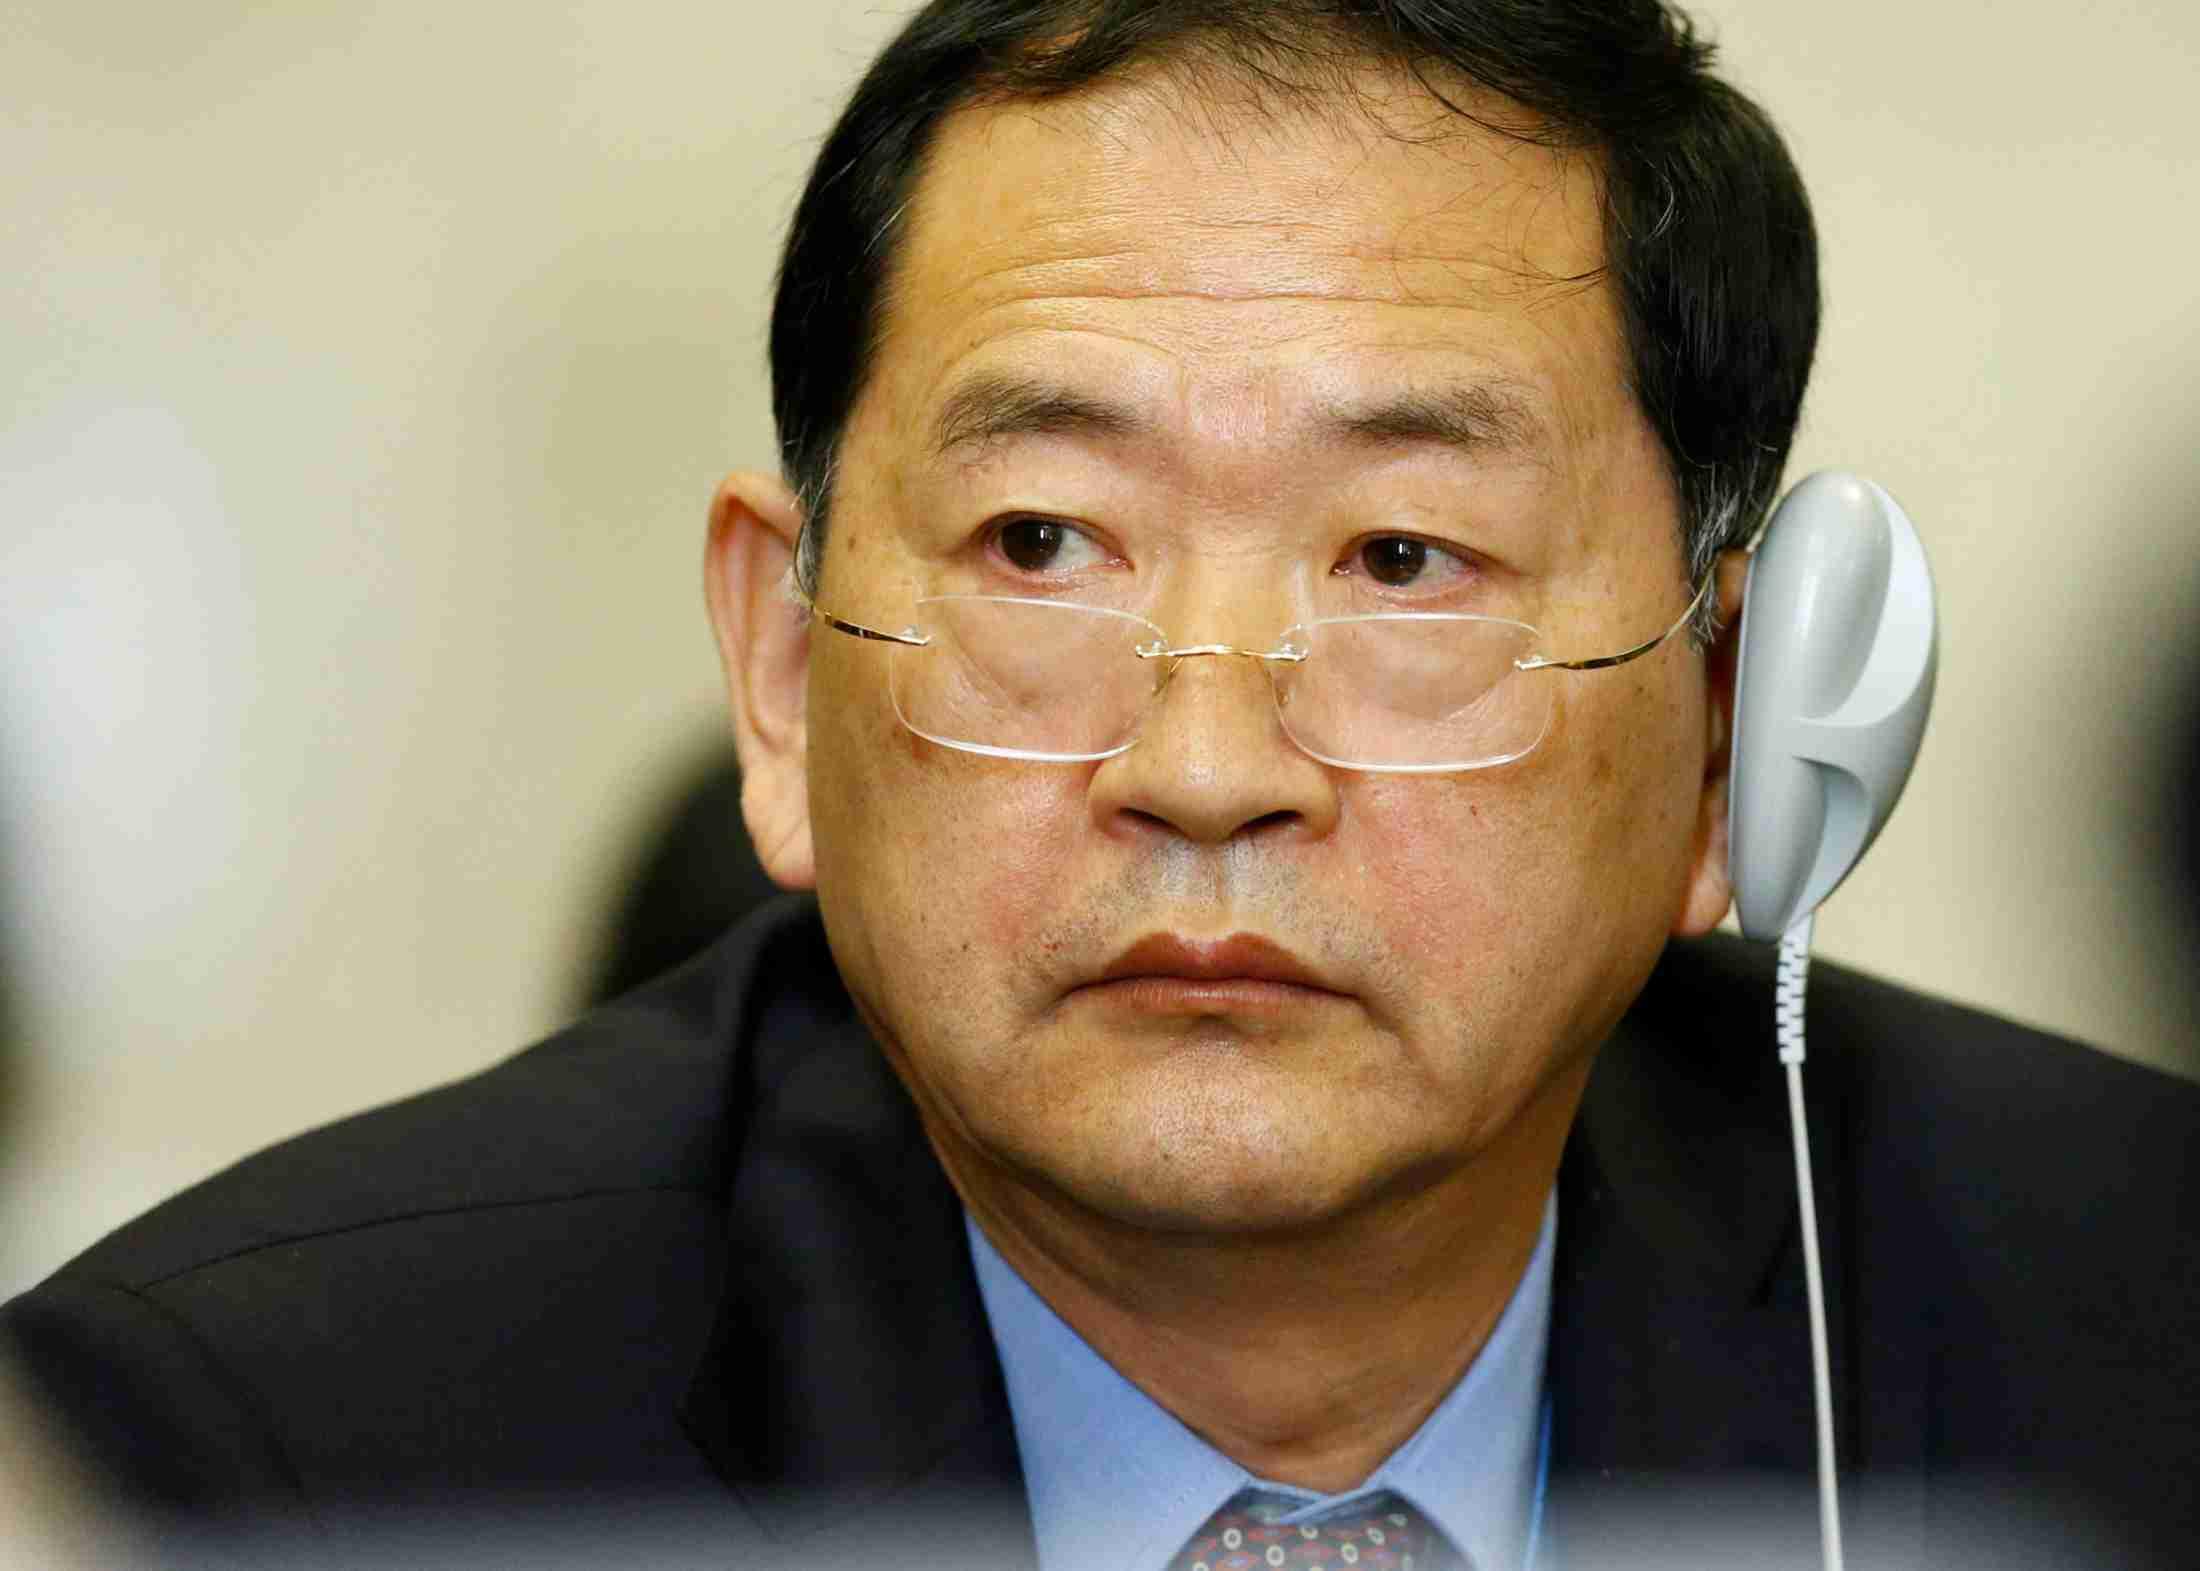 北朝鮮、安保理の追加制裁決議を拒否 米に「最大の苦痛」 (ロイター) - Yahoo!ニュース